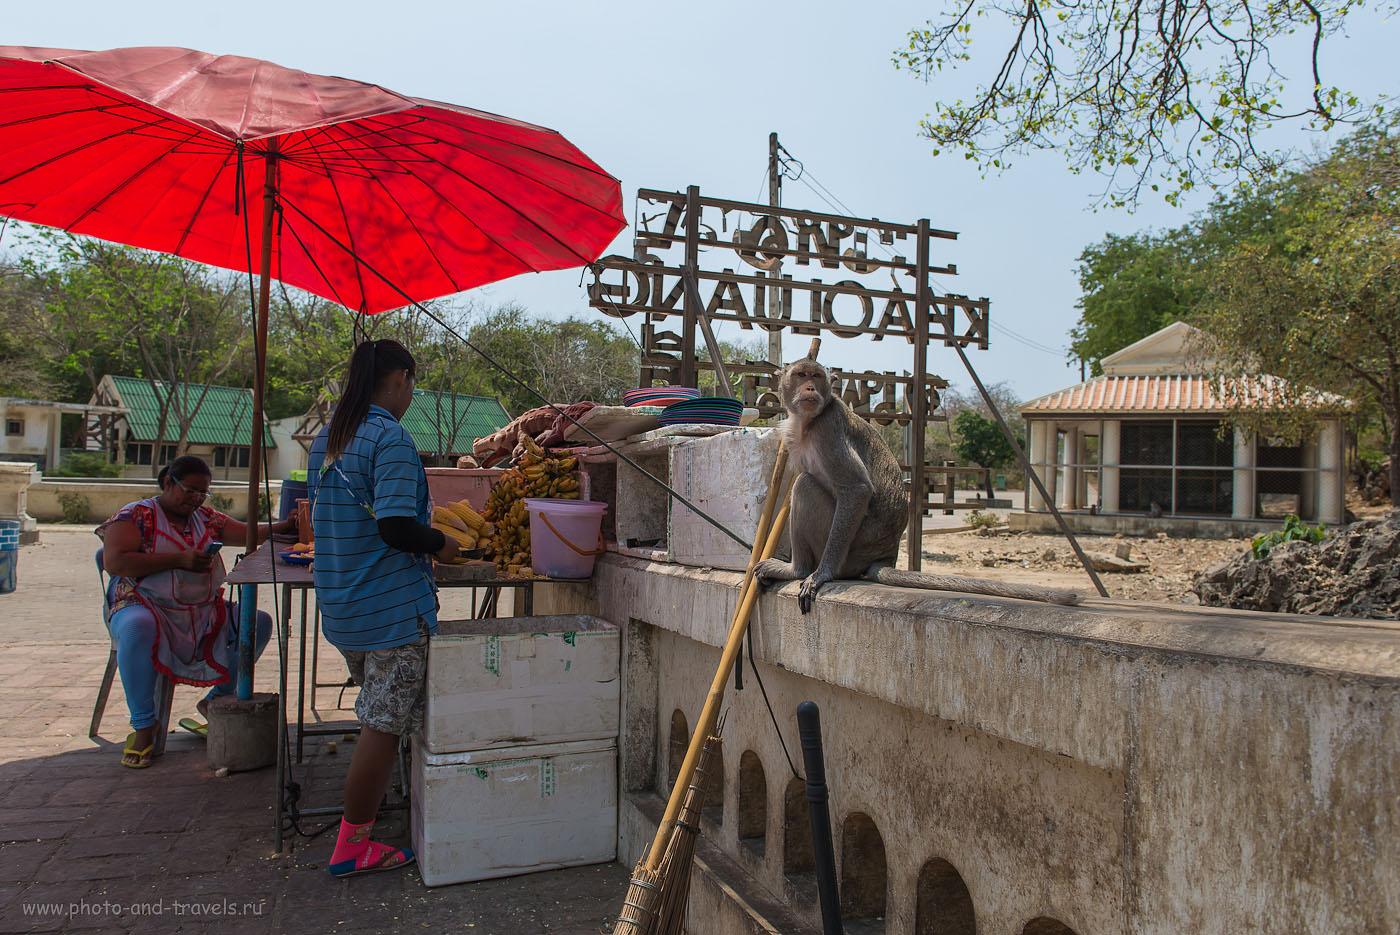 Фотография 12. Обычная сценка из тайской жизни. Экскурсия в пещеру Луанг, что недалеко от города Хуахин (125, 24, 6.3, 1/250). Отзывы об отдыхе в Таиланде